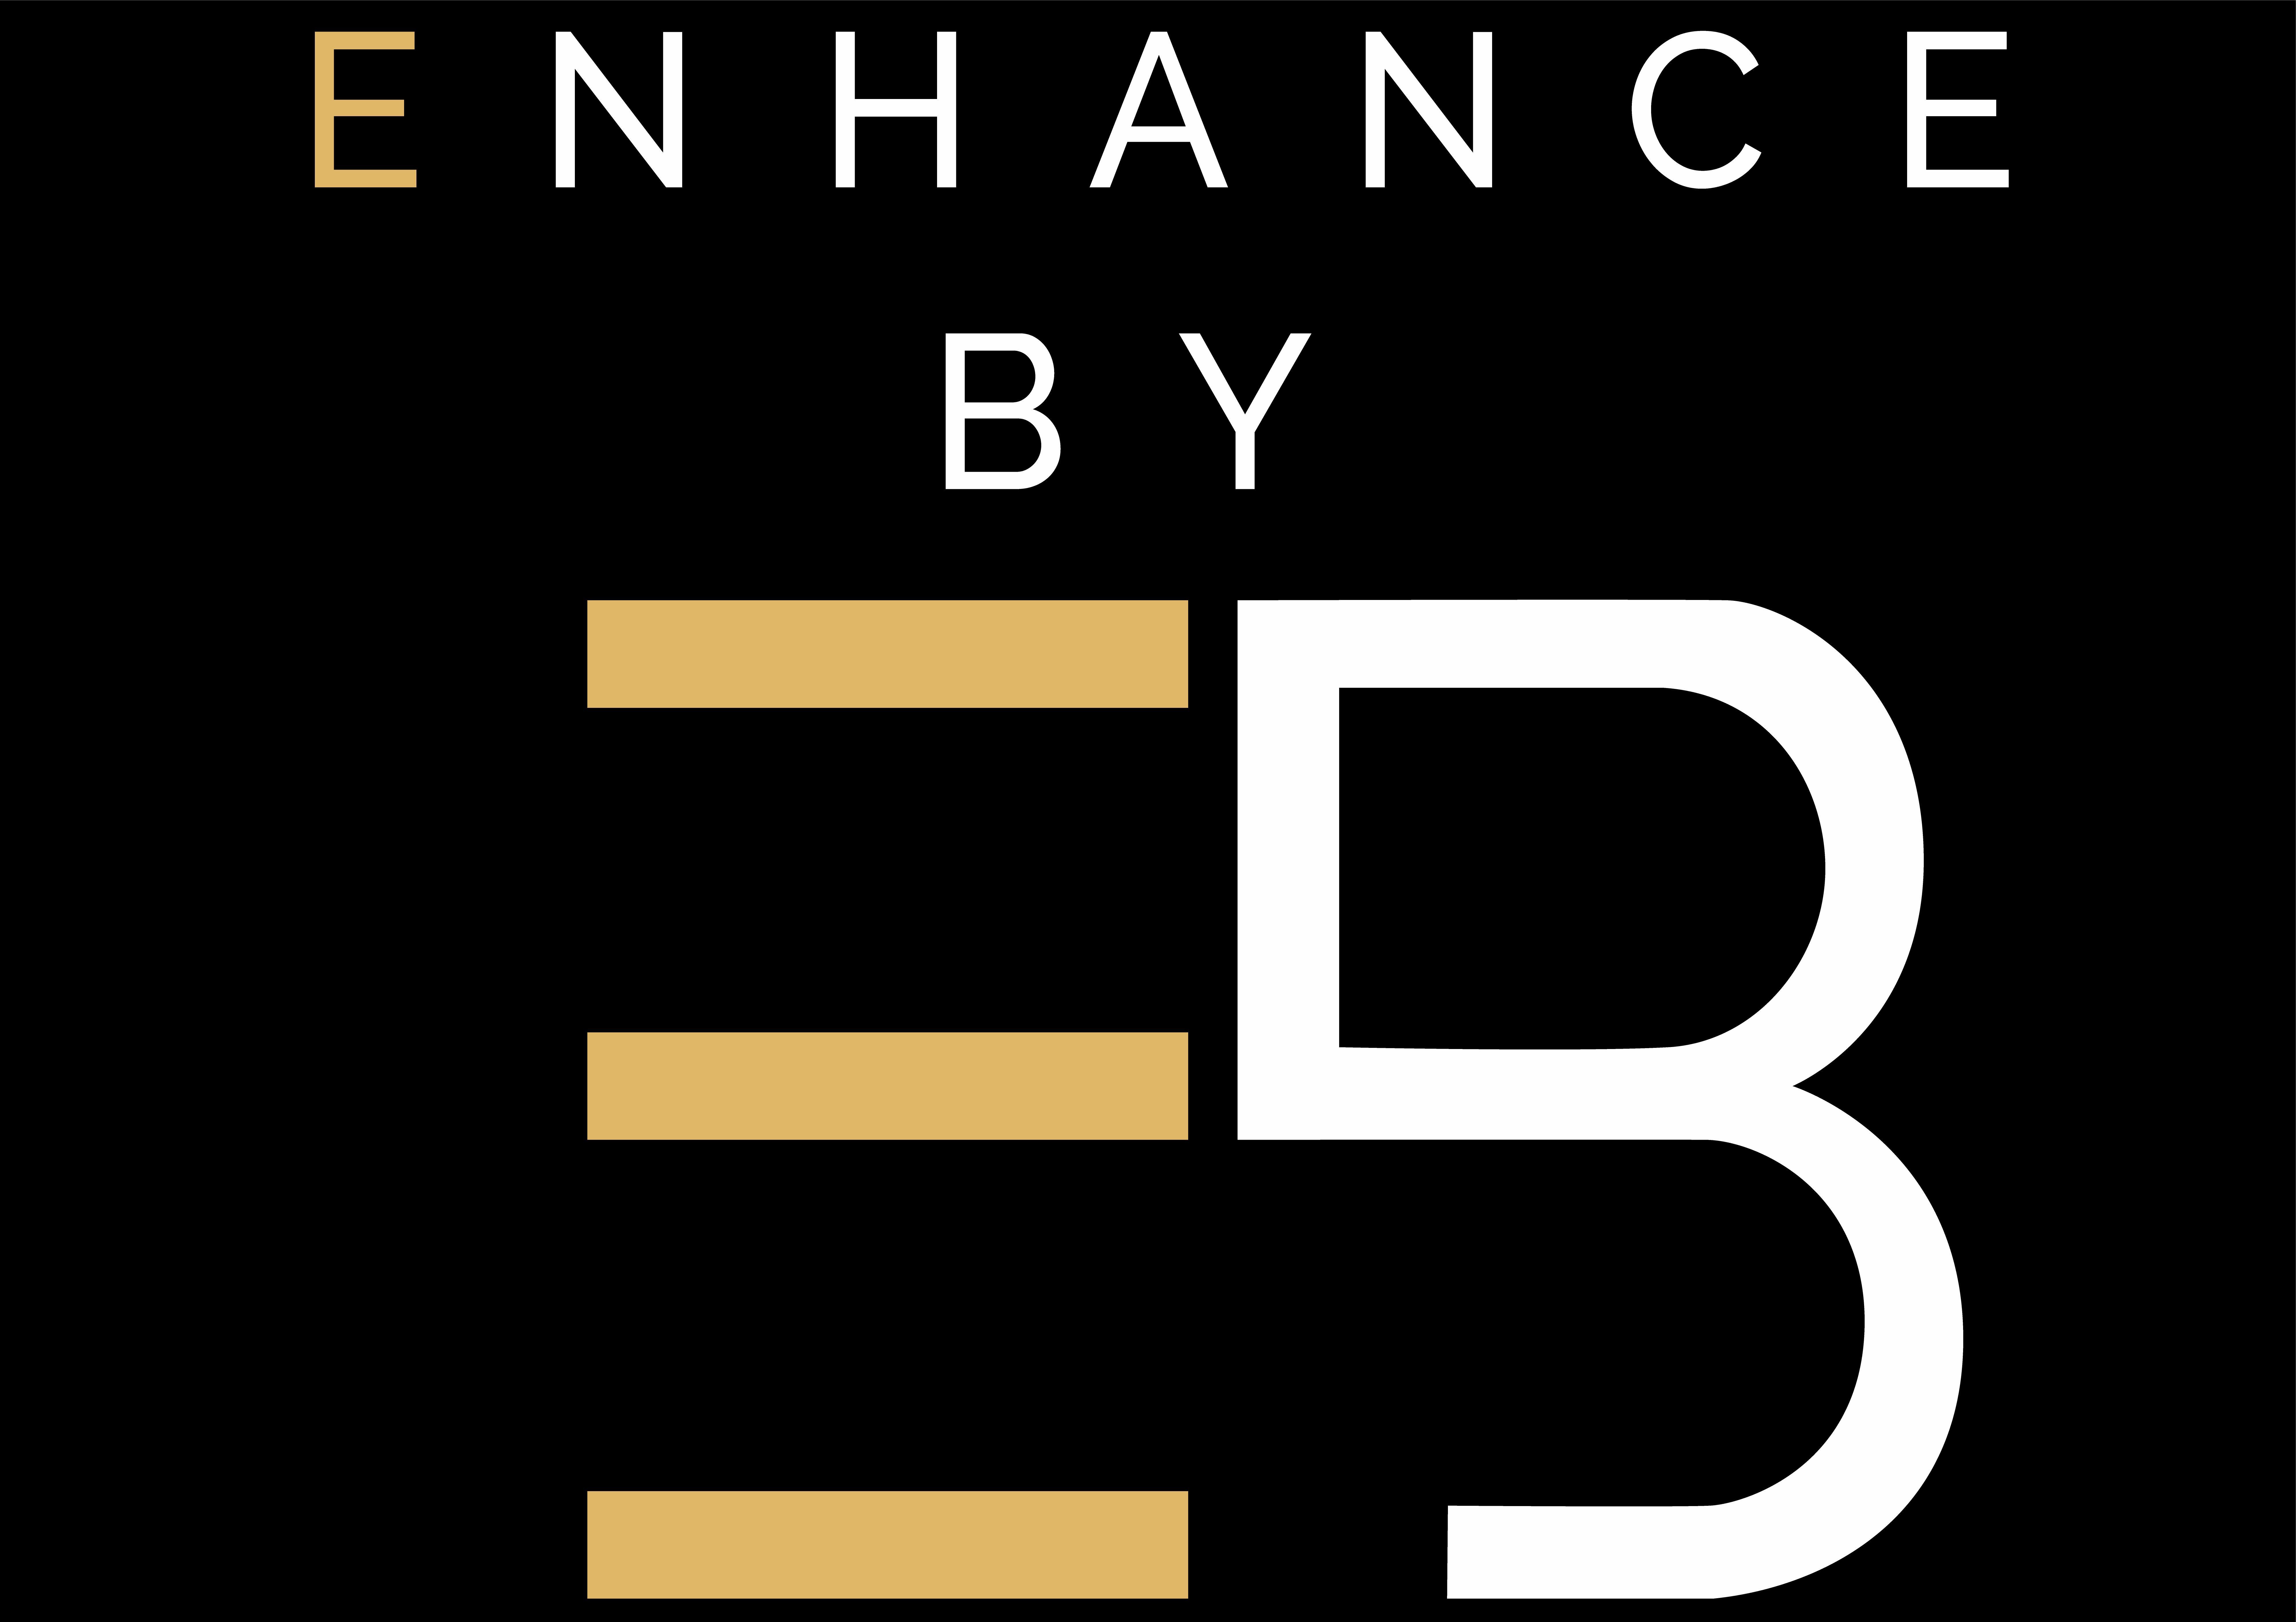 EnhancebyEB